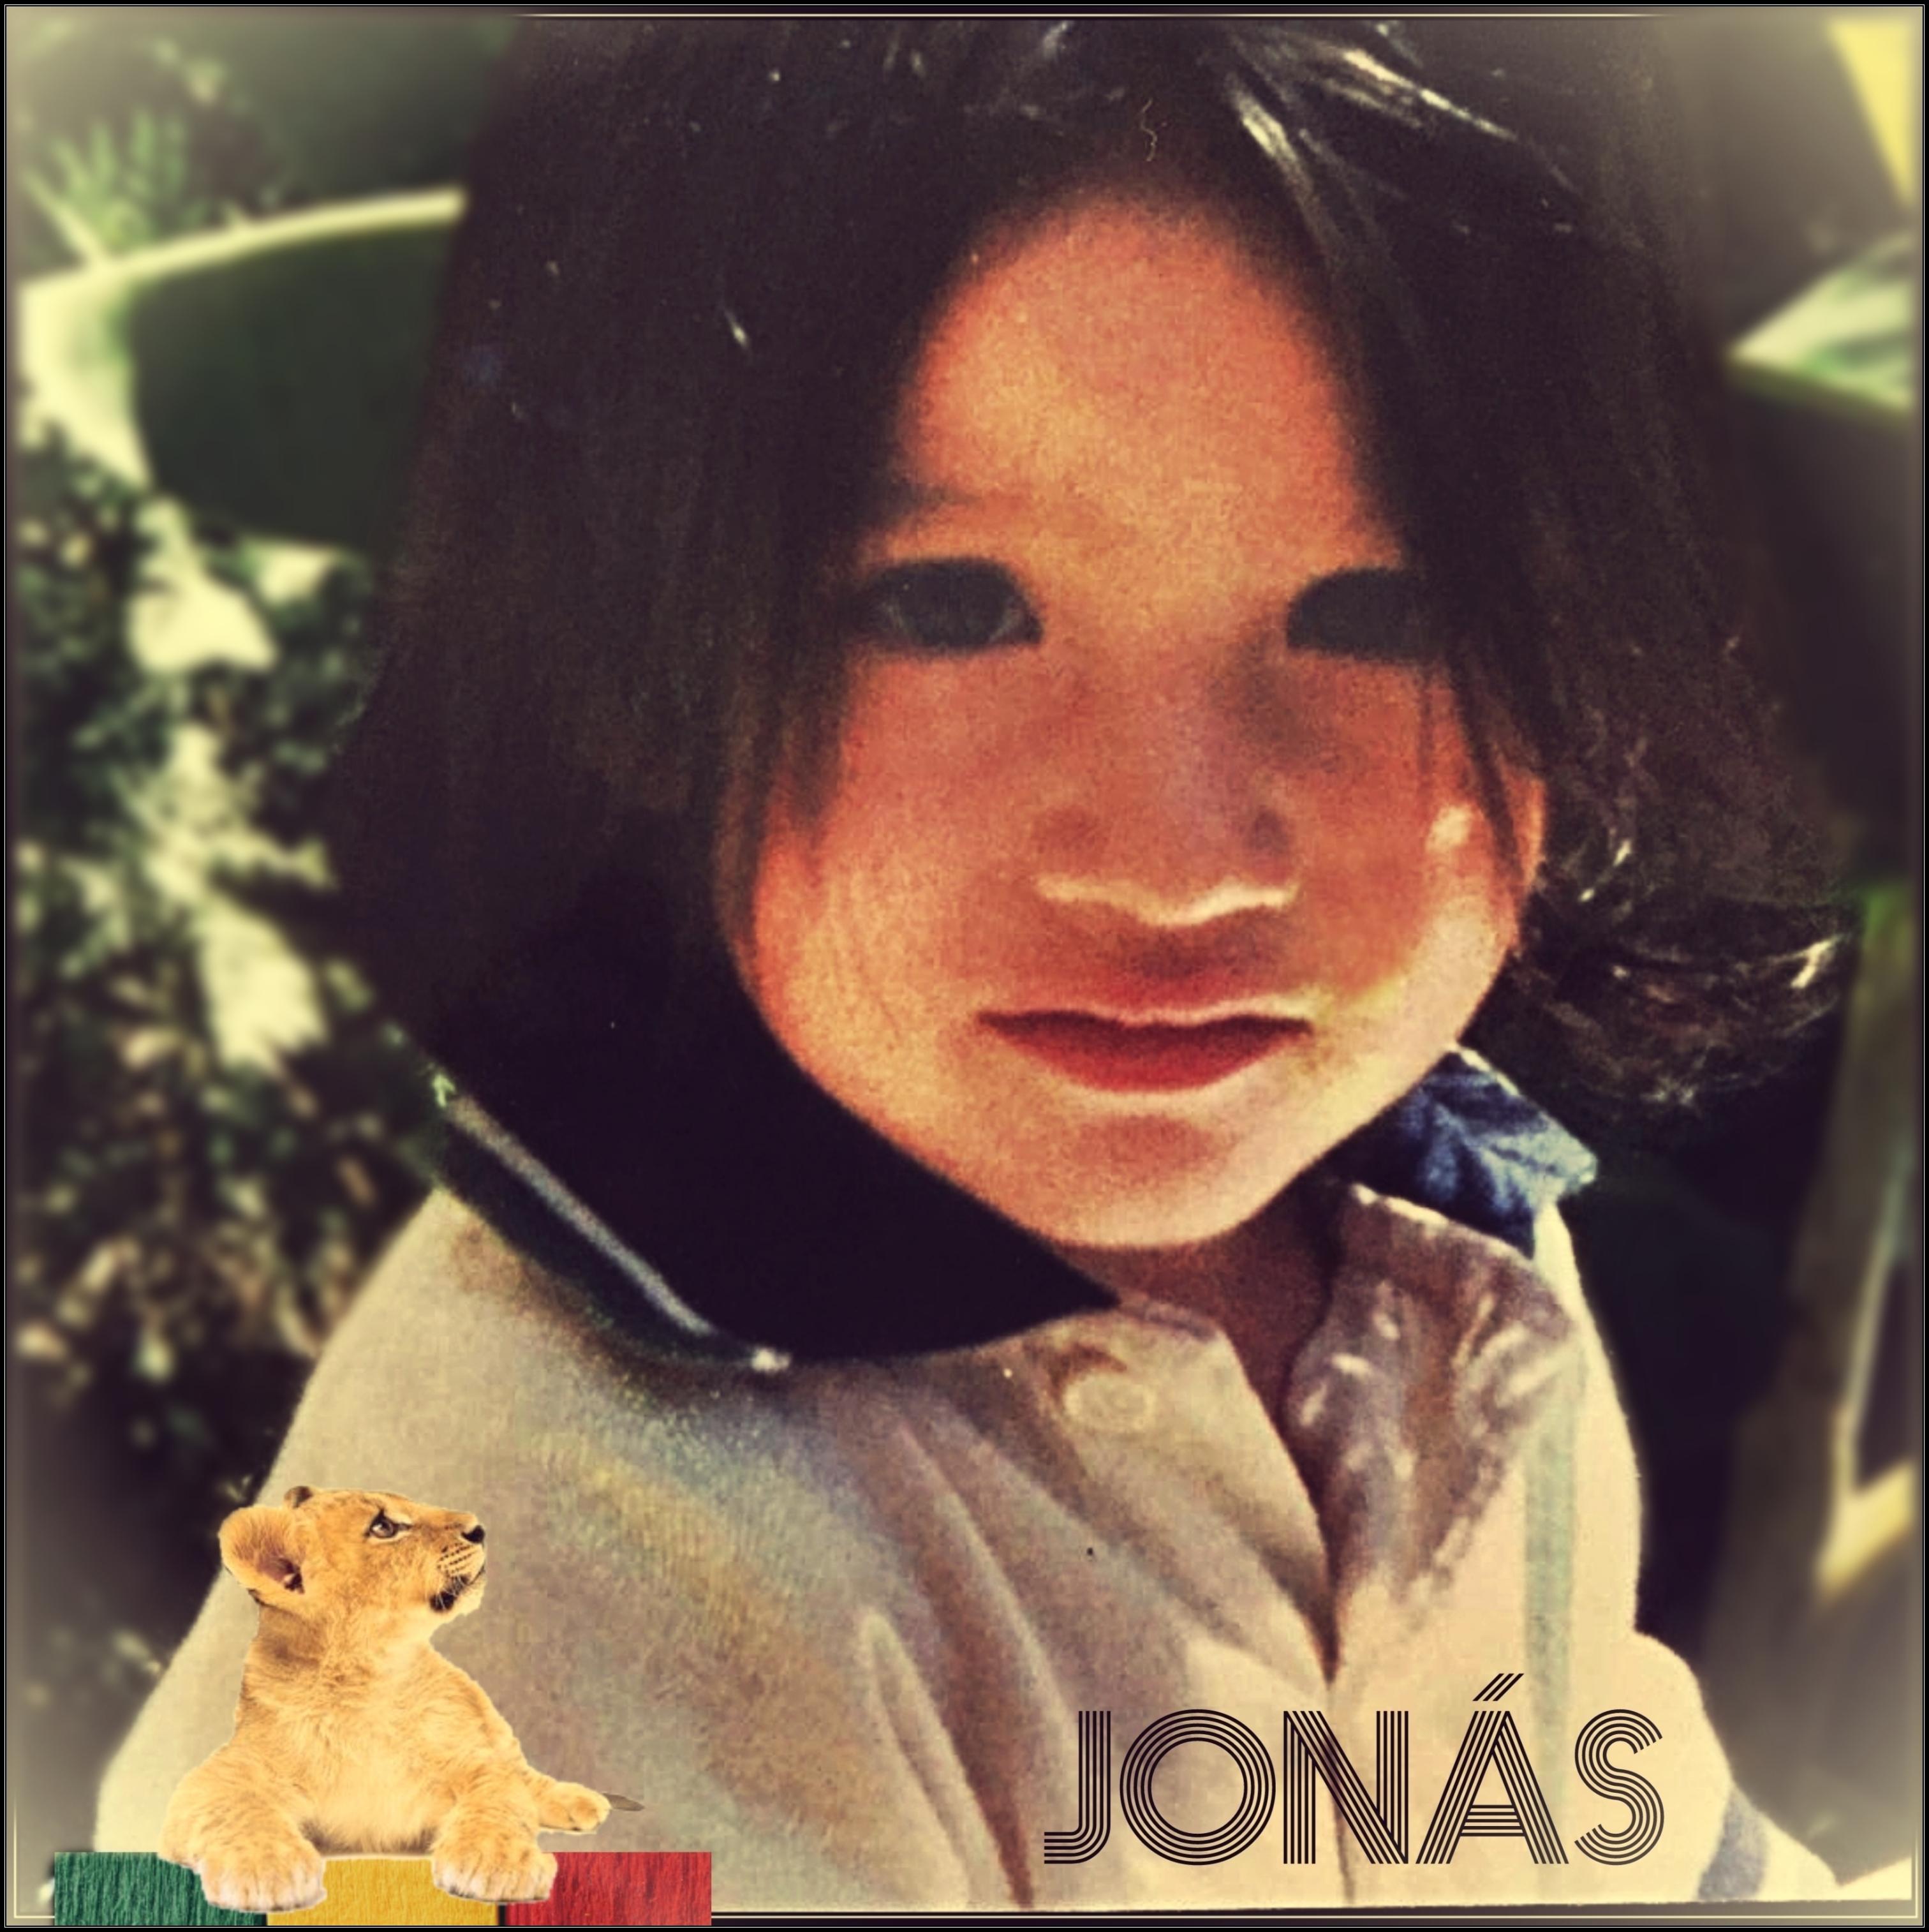 Bigtouch alista estreno de Jonas para el 3 de septiembre